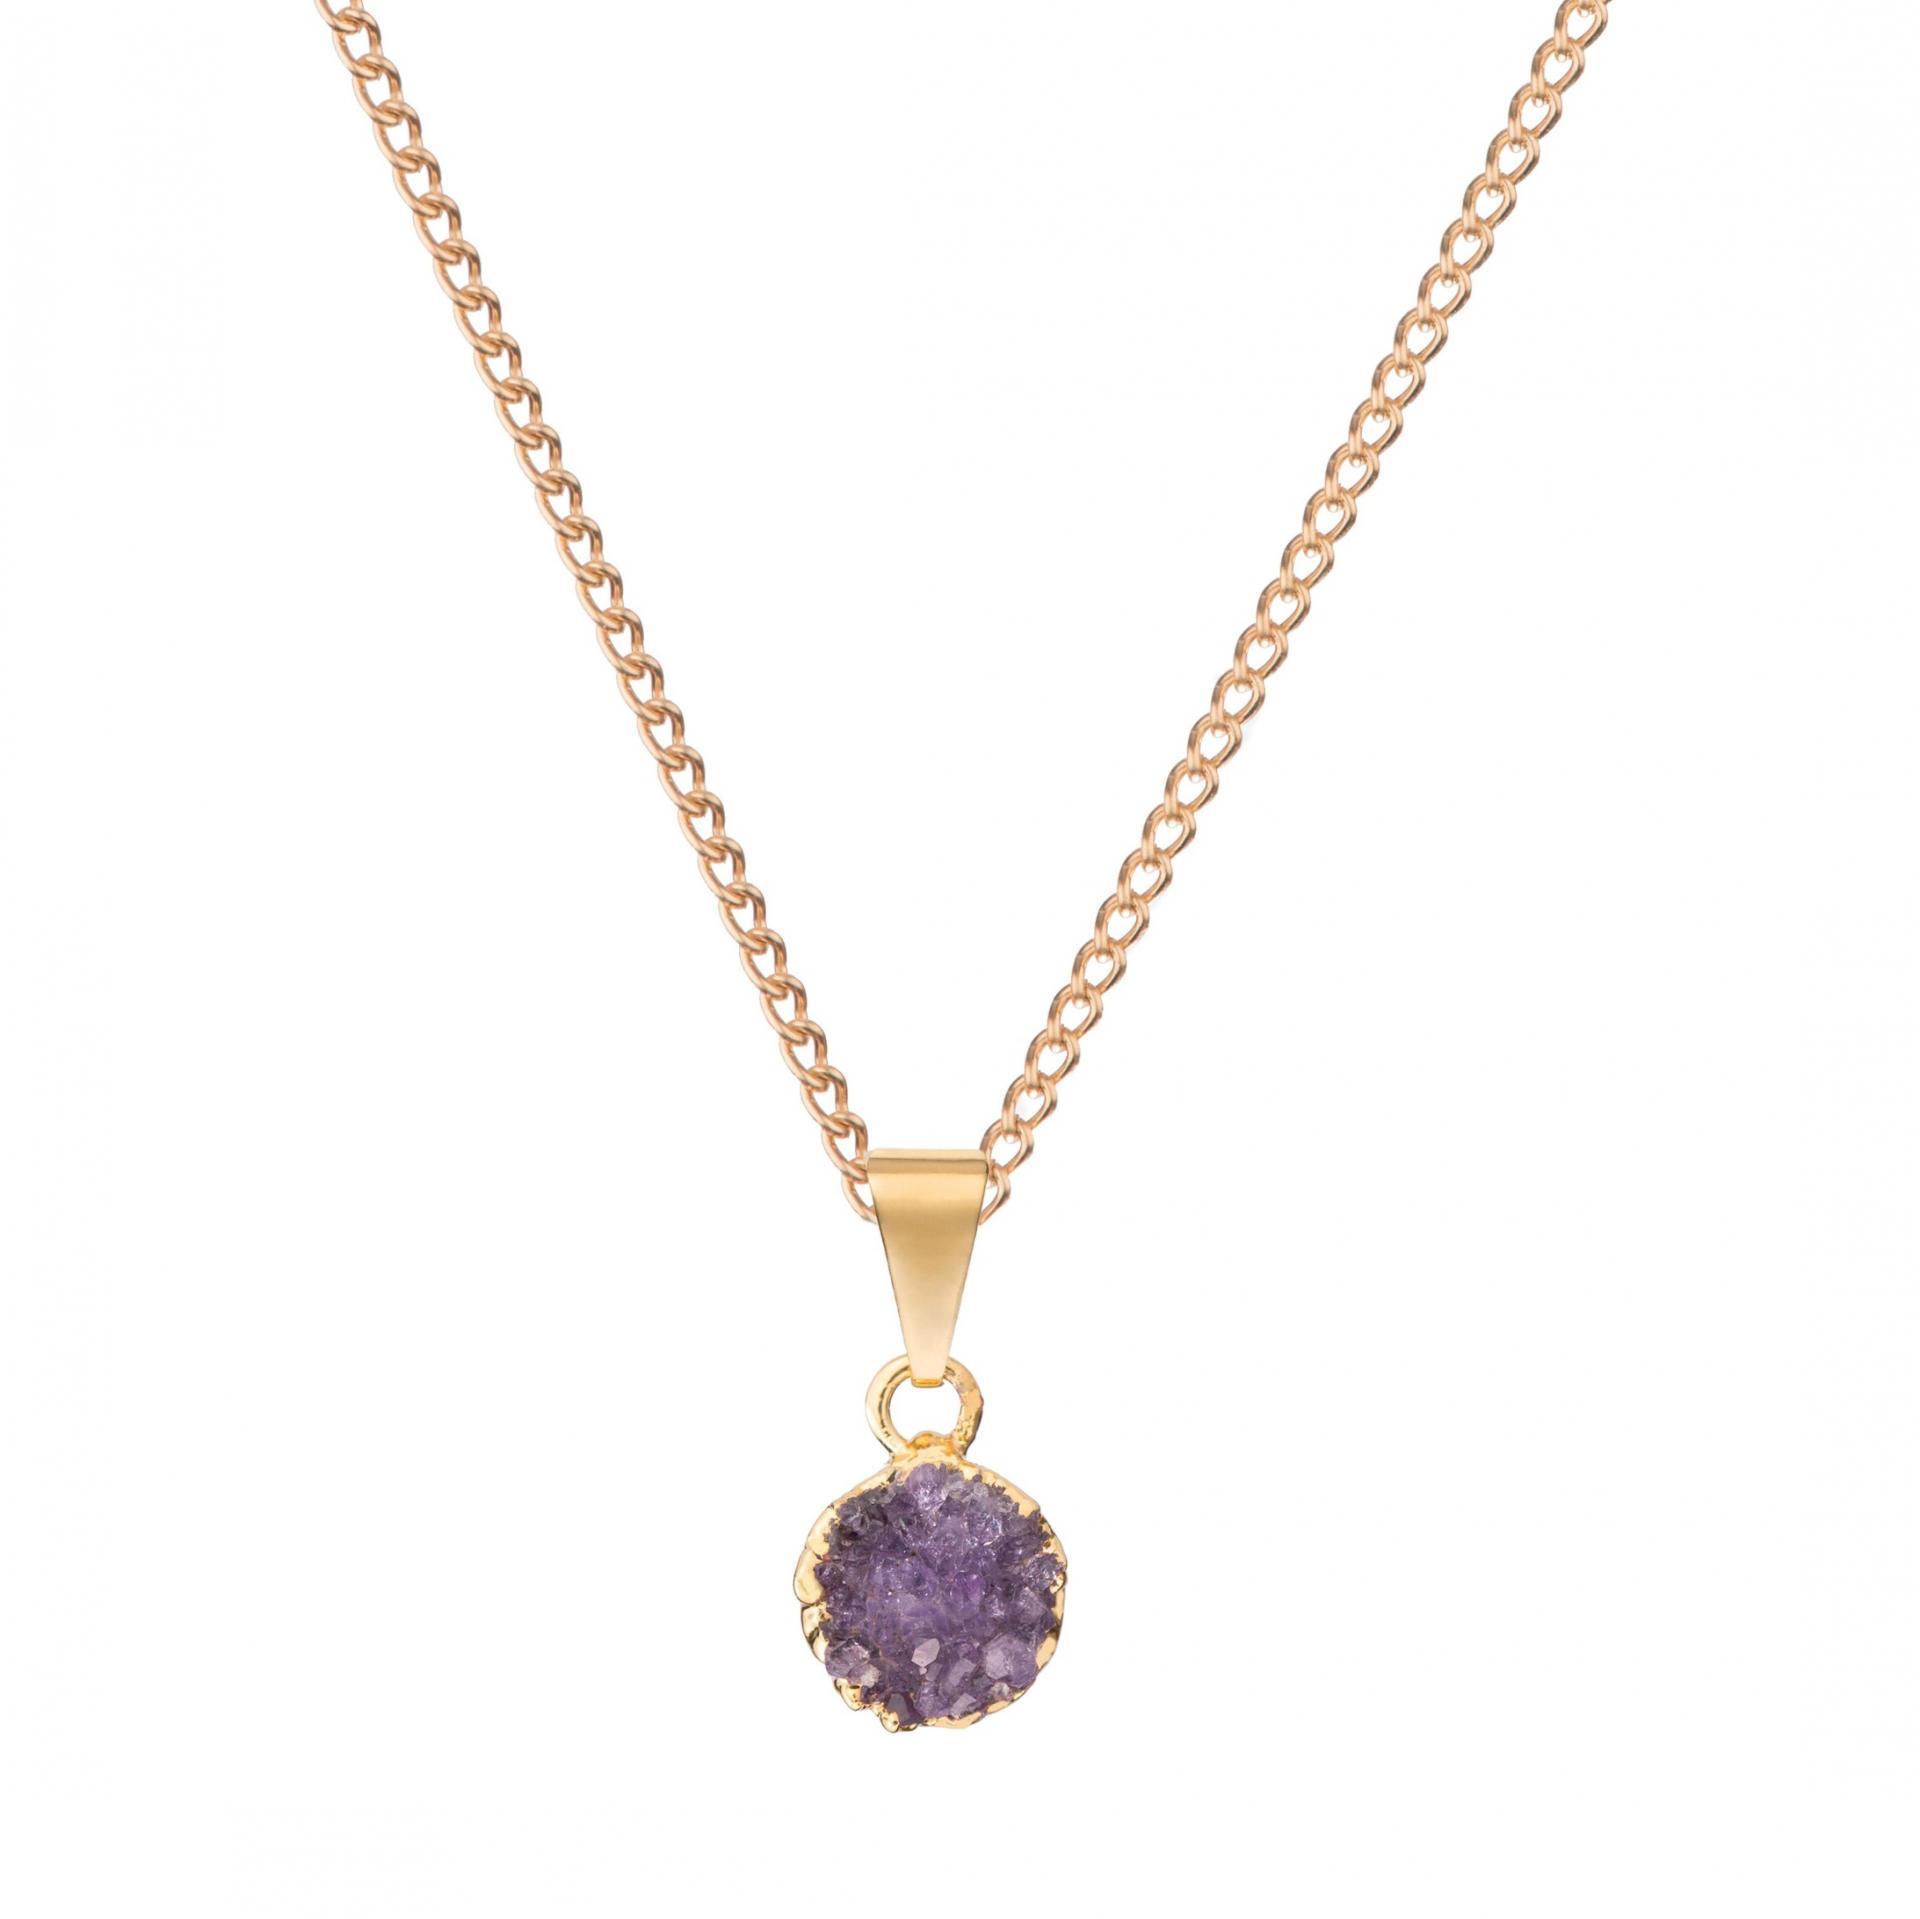 DECADORN Řetízek s přívěskem Mini Circle Amethyst/Gold, fialová barva, zlatá barva, kov, kámen